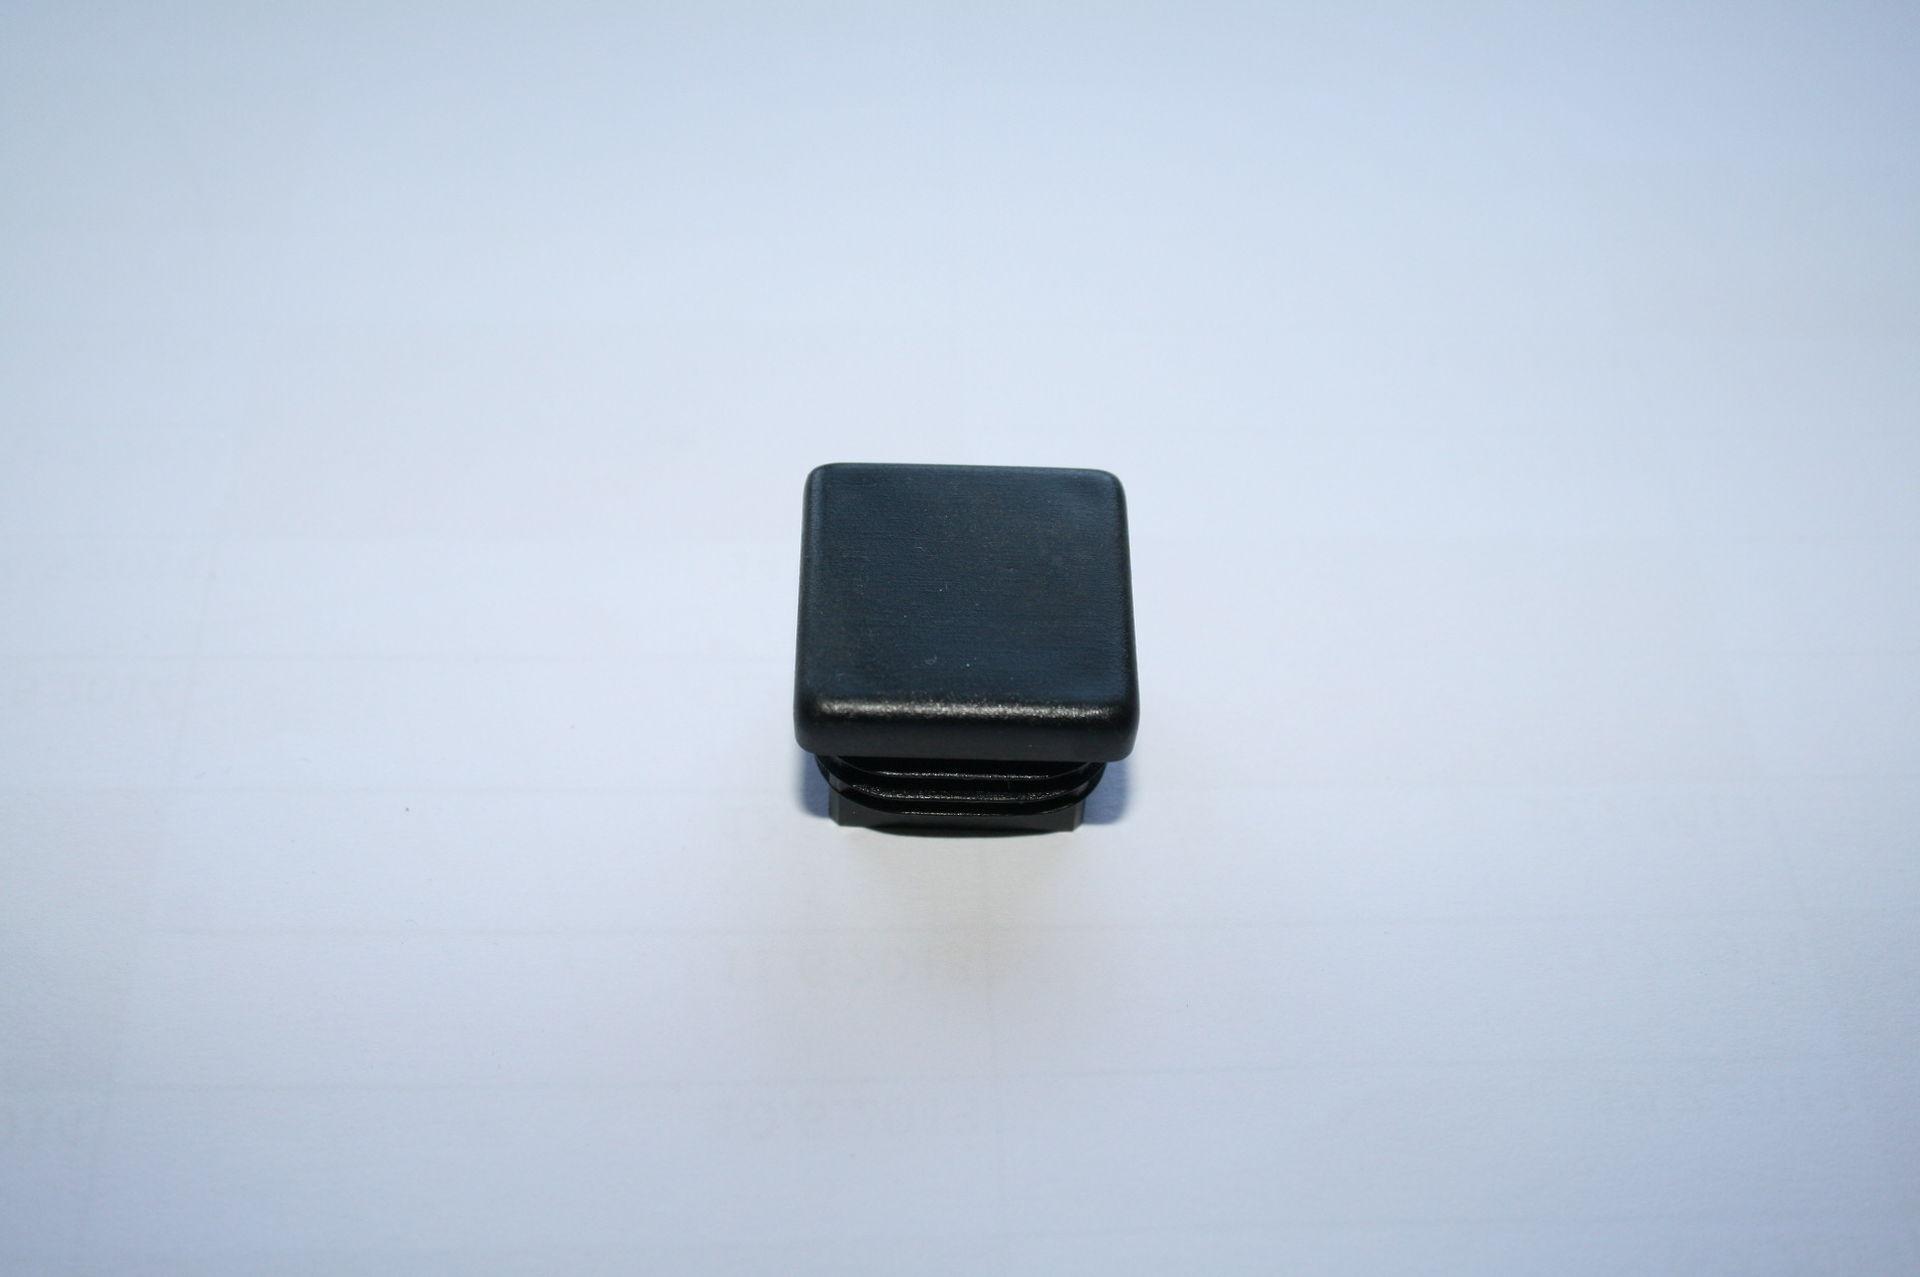 Záslepka černá 20x20 mm